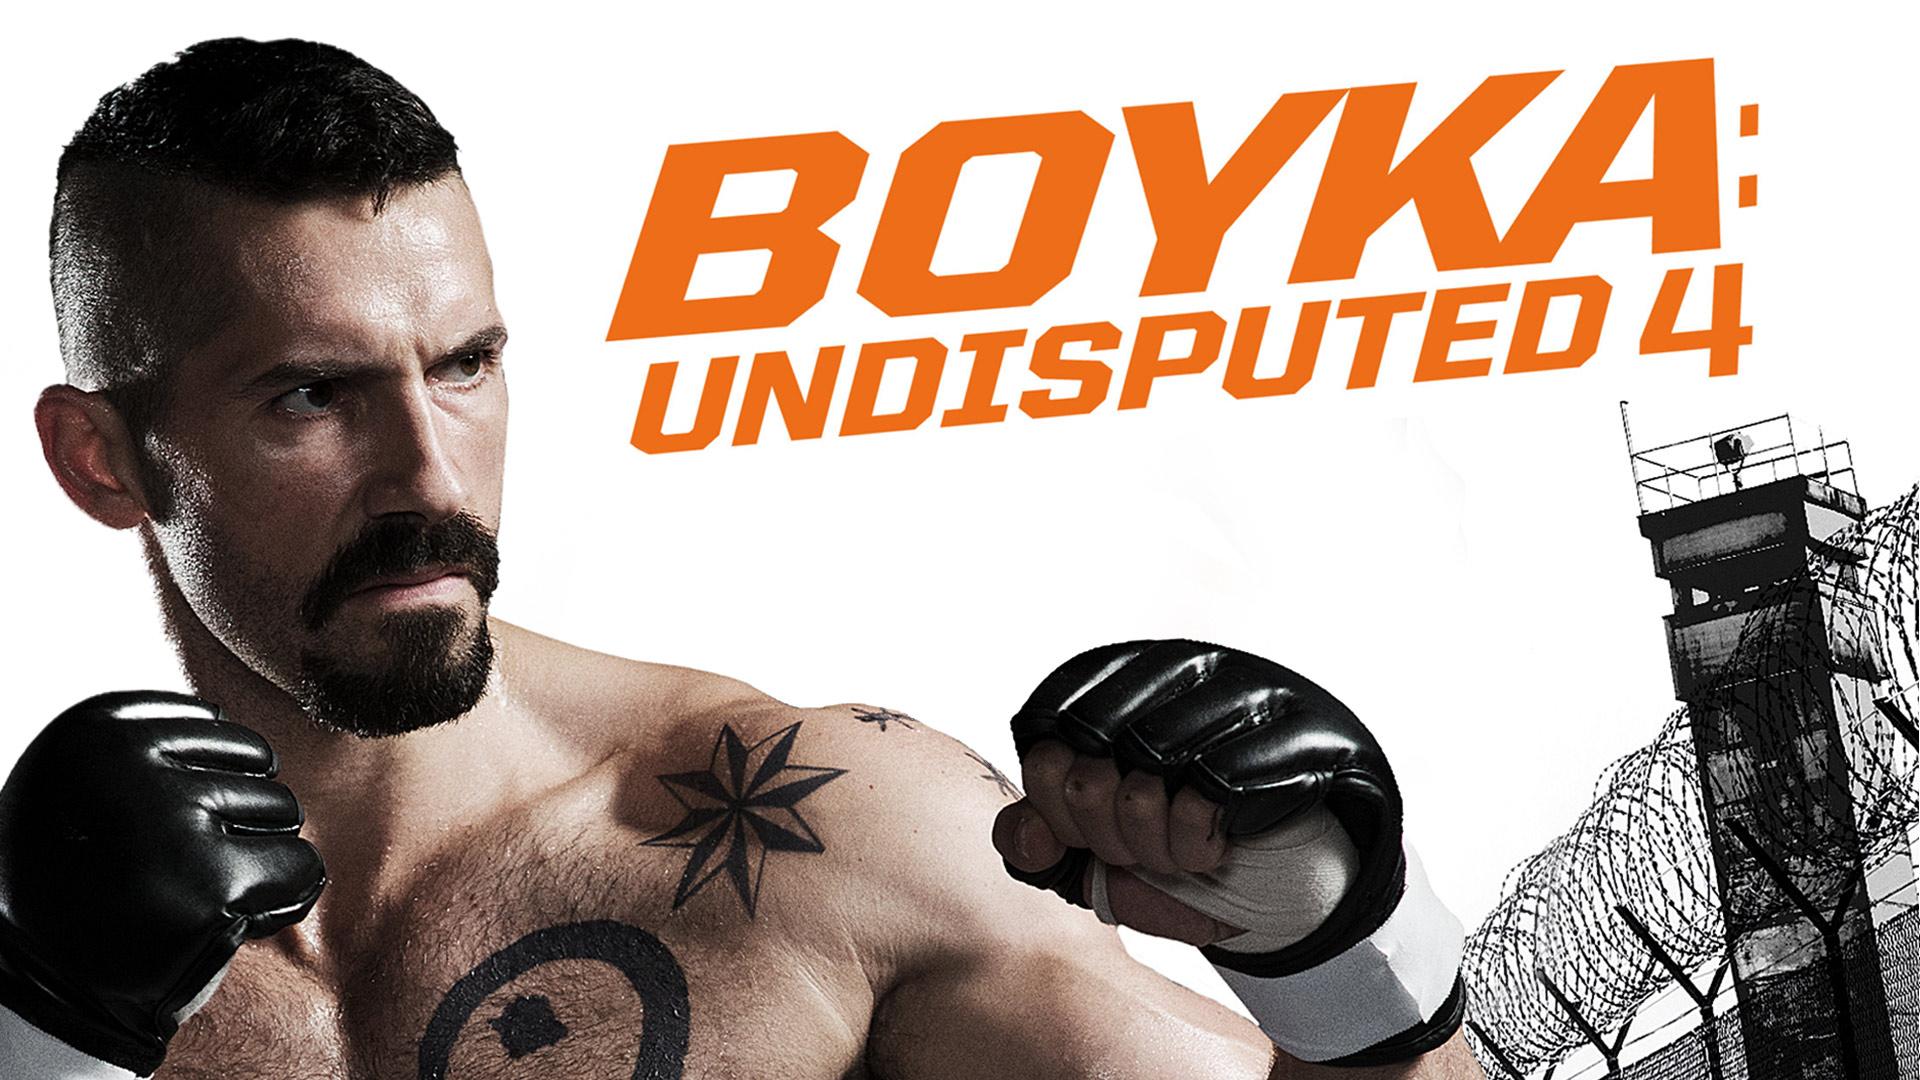 Boyka: Undisputed 4